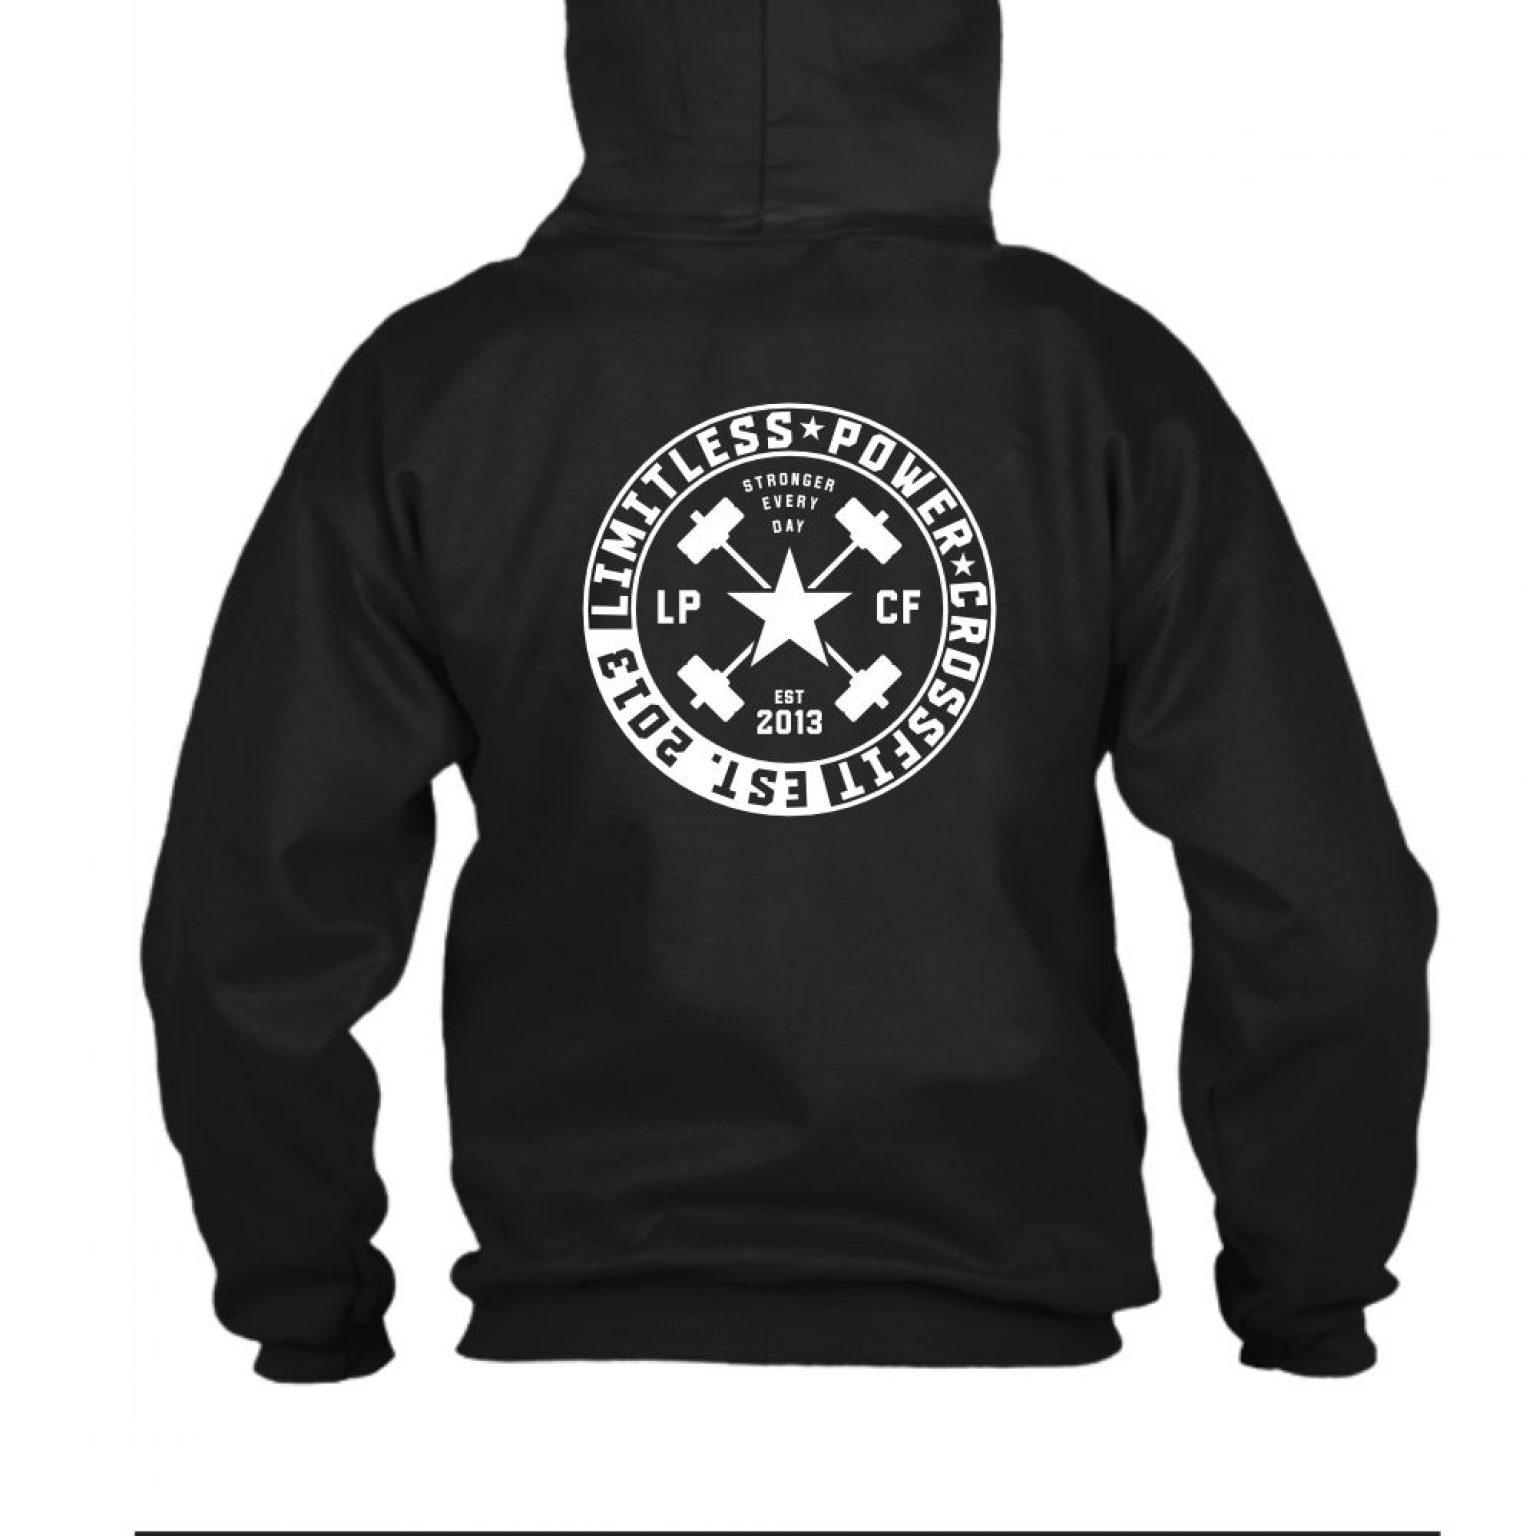 LPcircle hoodie black back